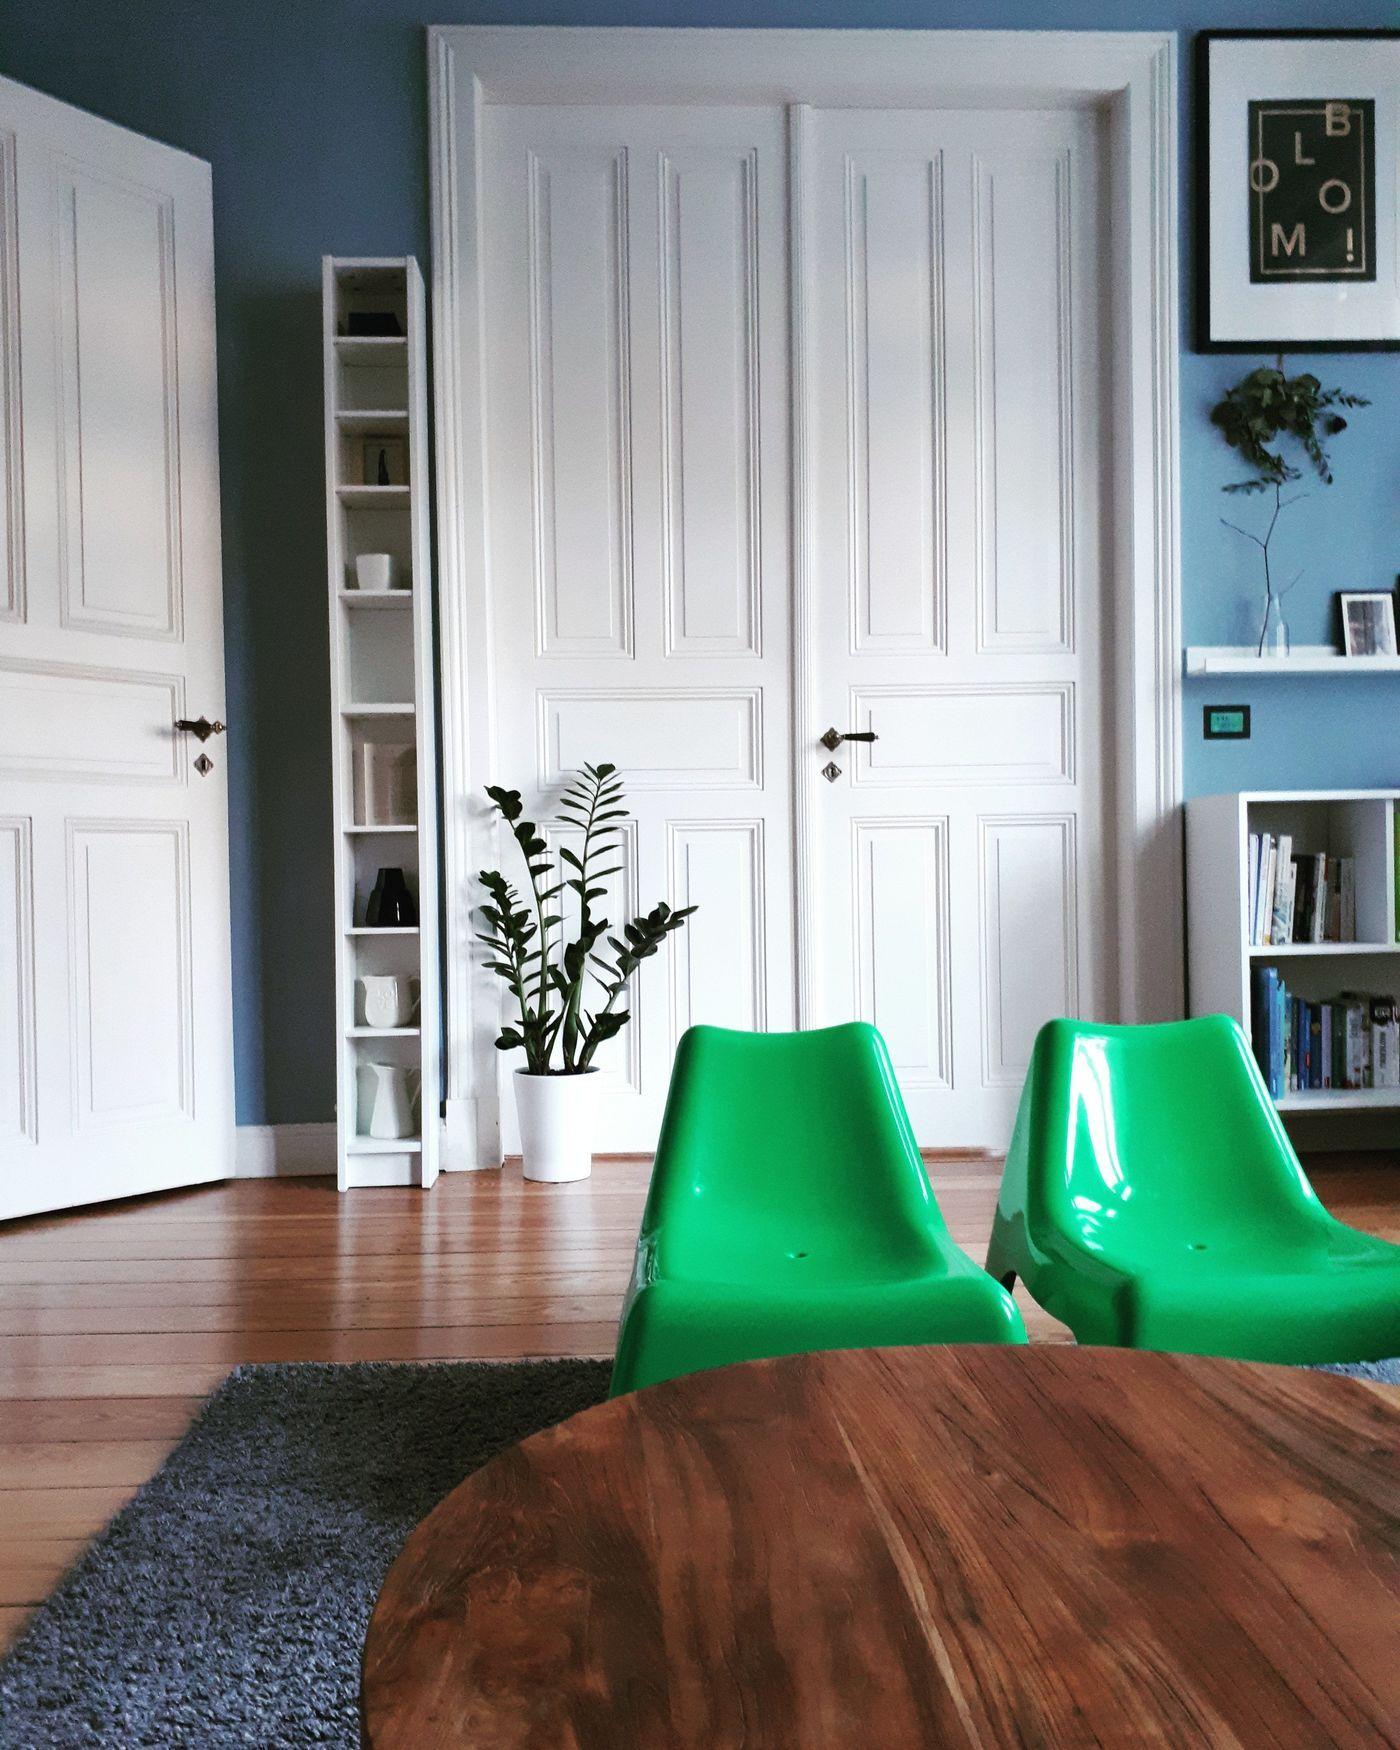 wandfarbe blau und petrol die besten ideen f r blaut ne seite 5. Black Bedroom Furniture Sets. Home Design Ideas